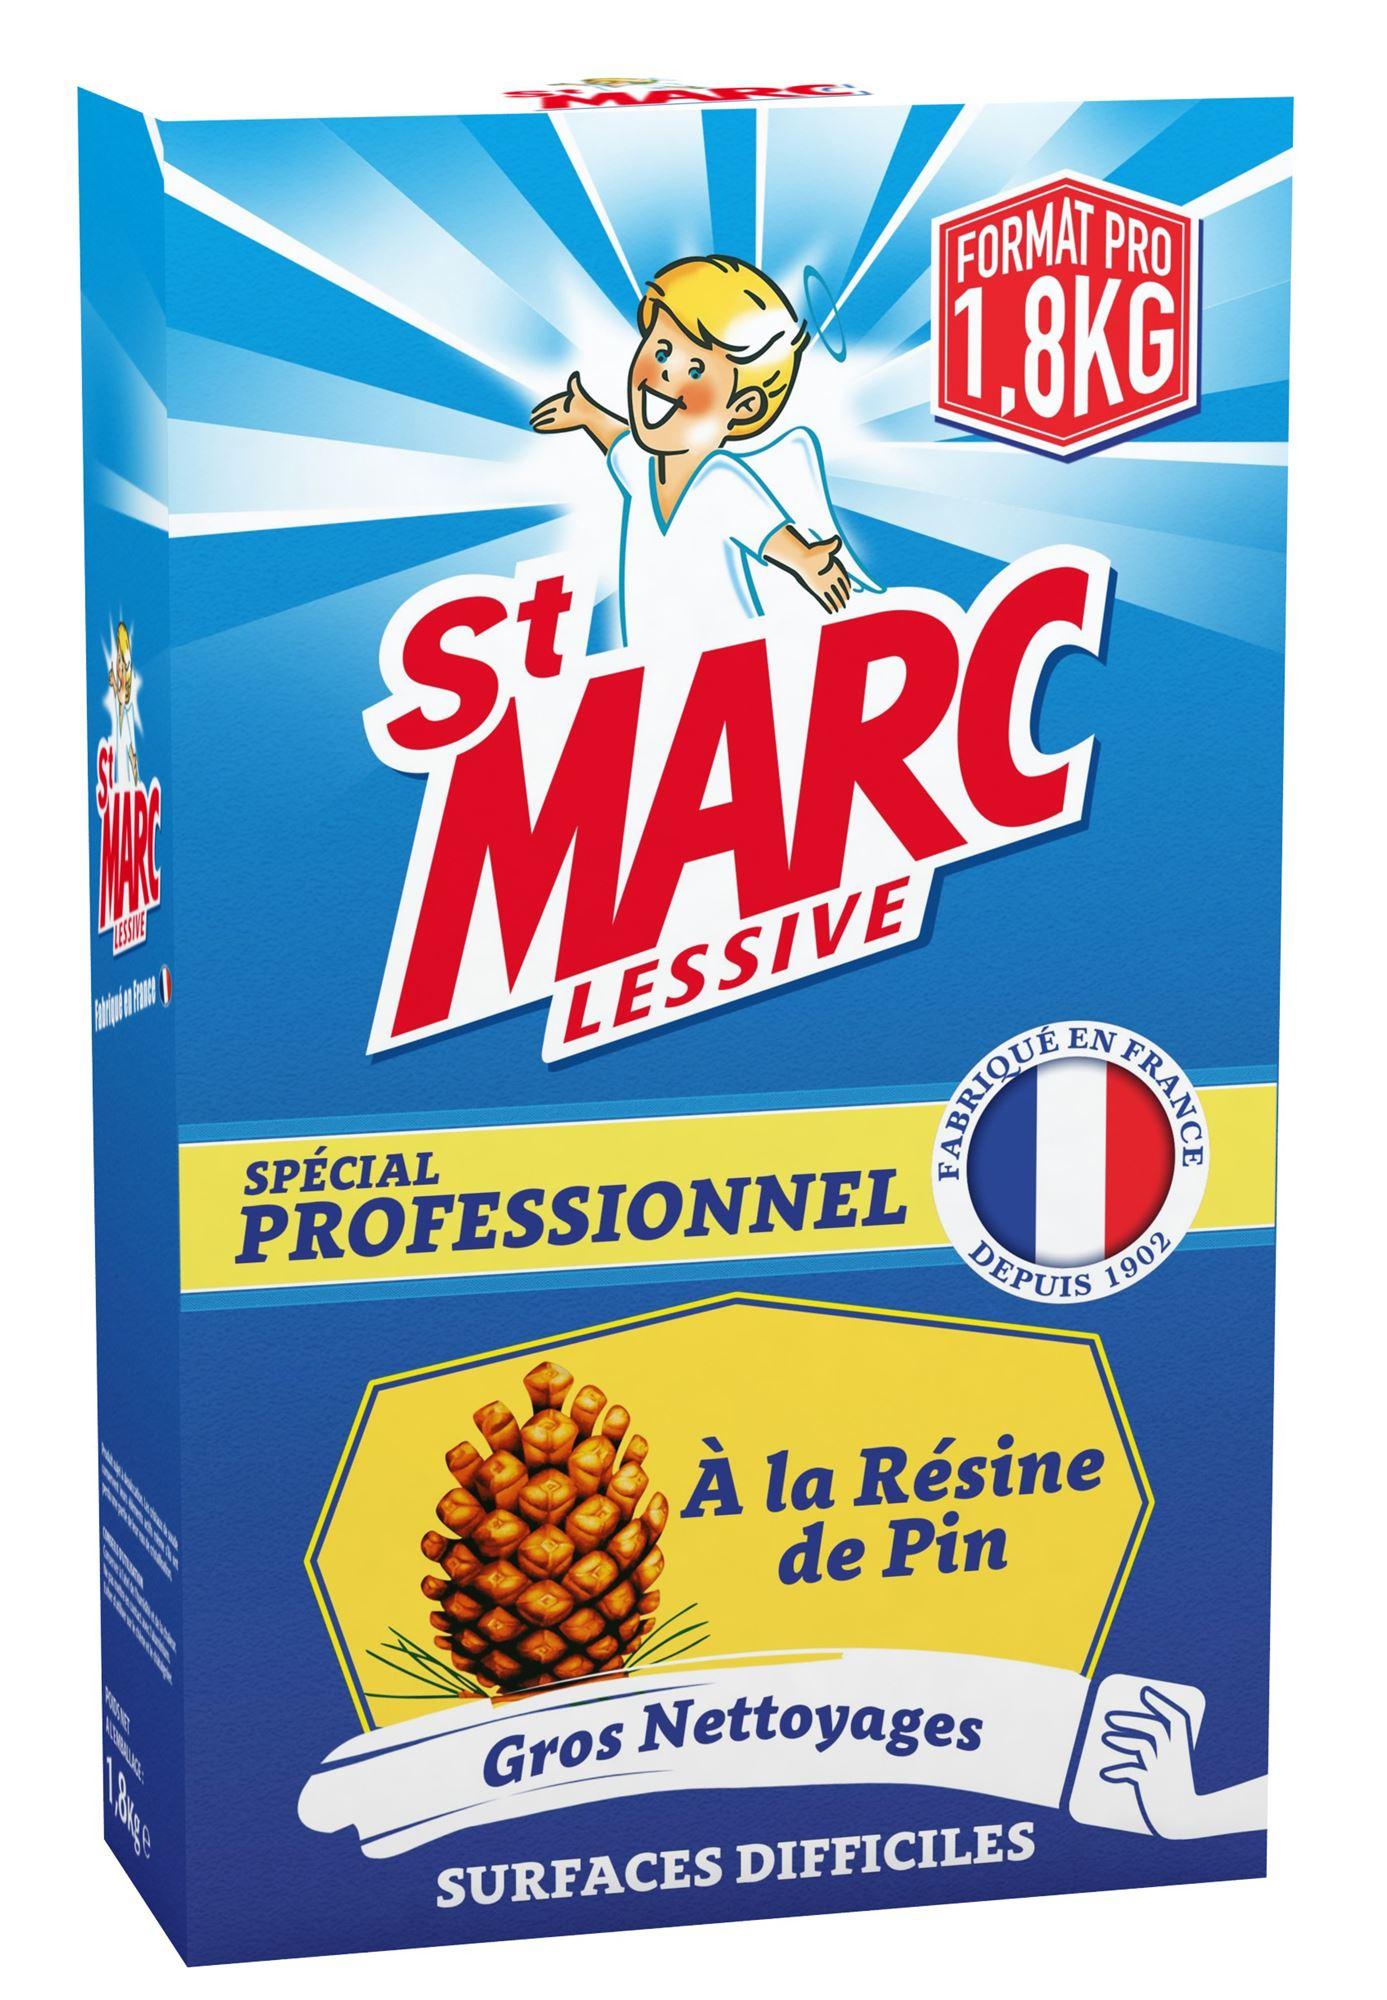 Lessive saint marc promo - Lessive saint marc composition ...